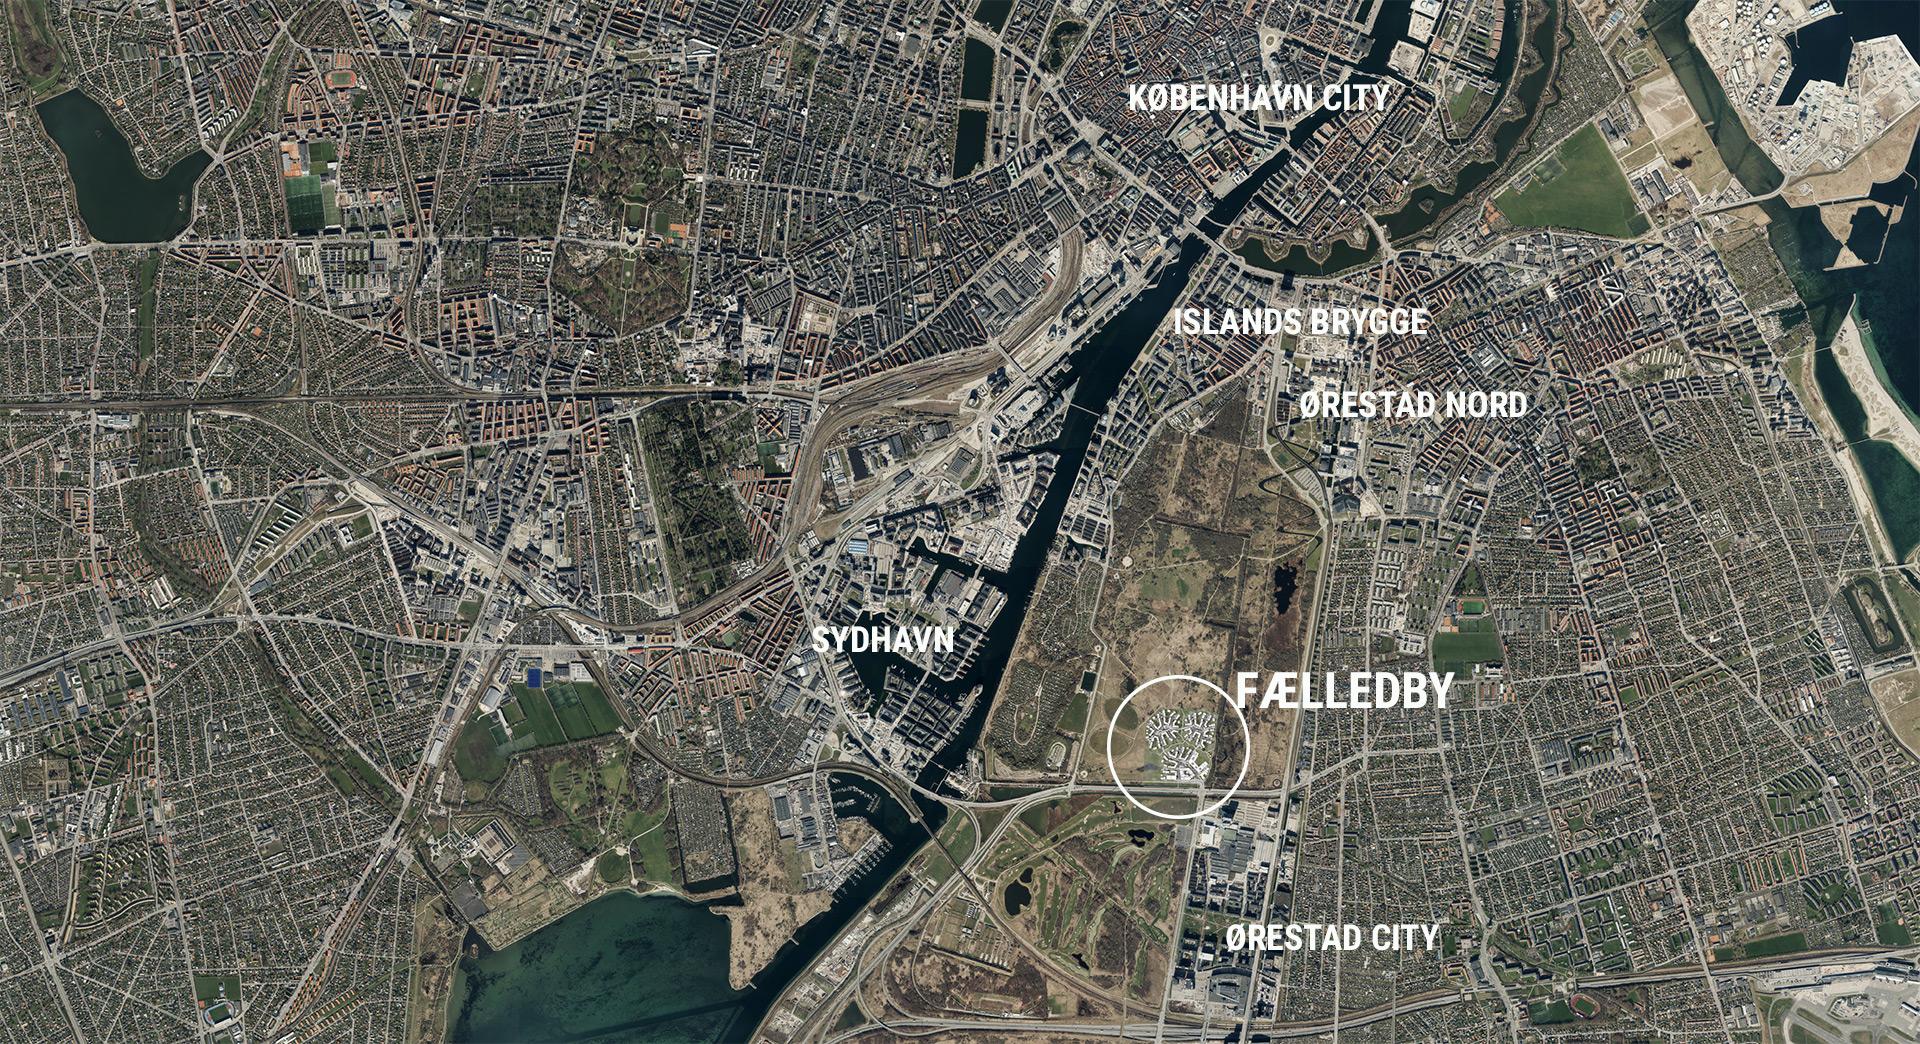 Kort viser Fælledbys placering